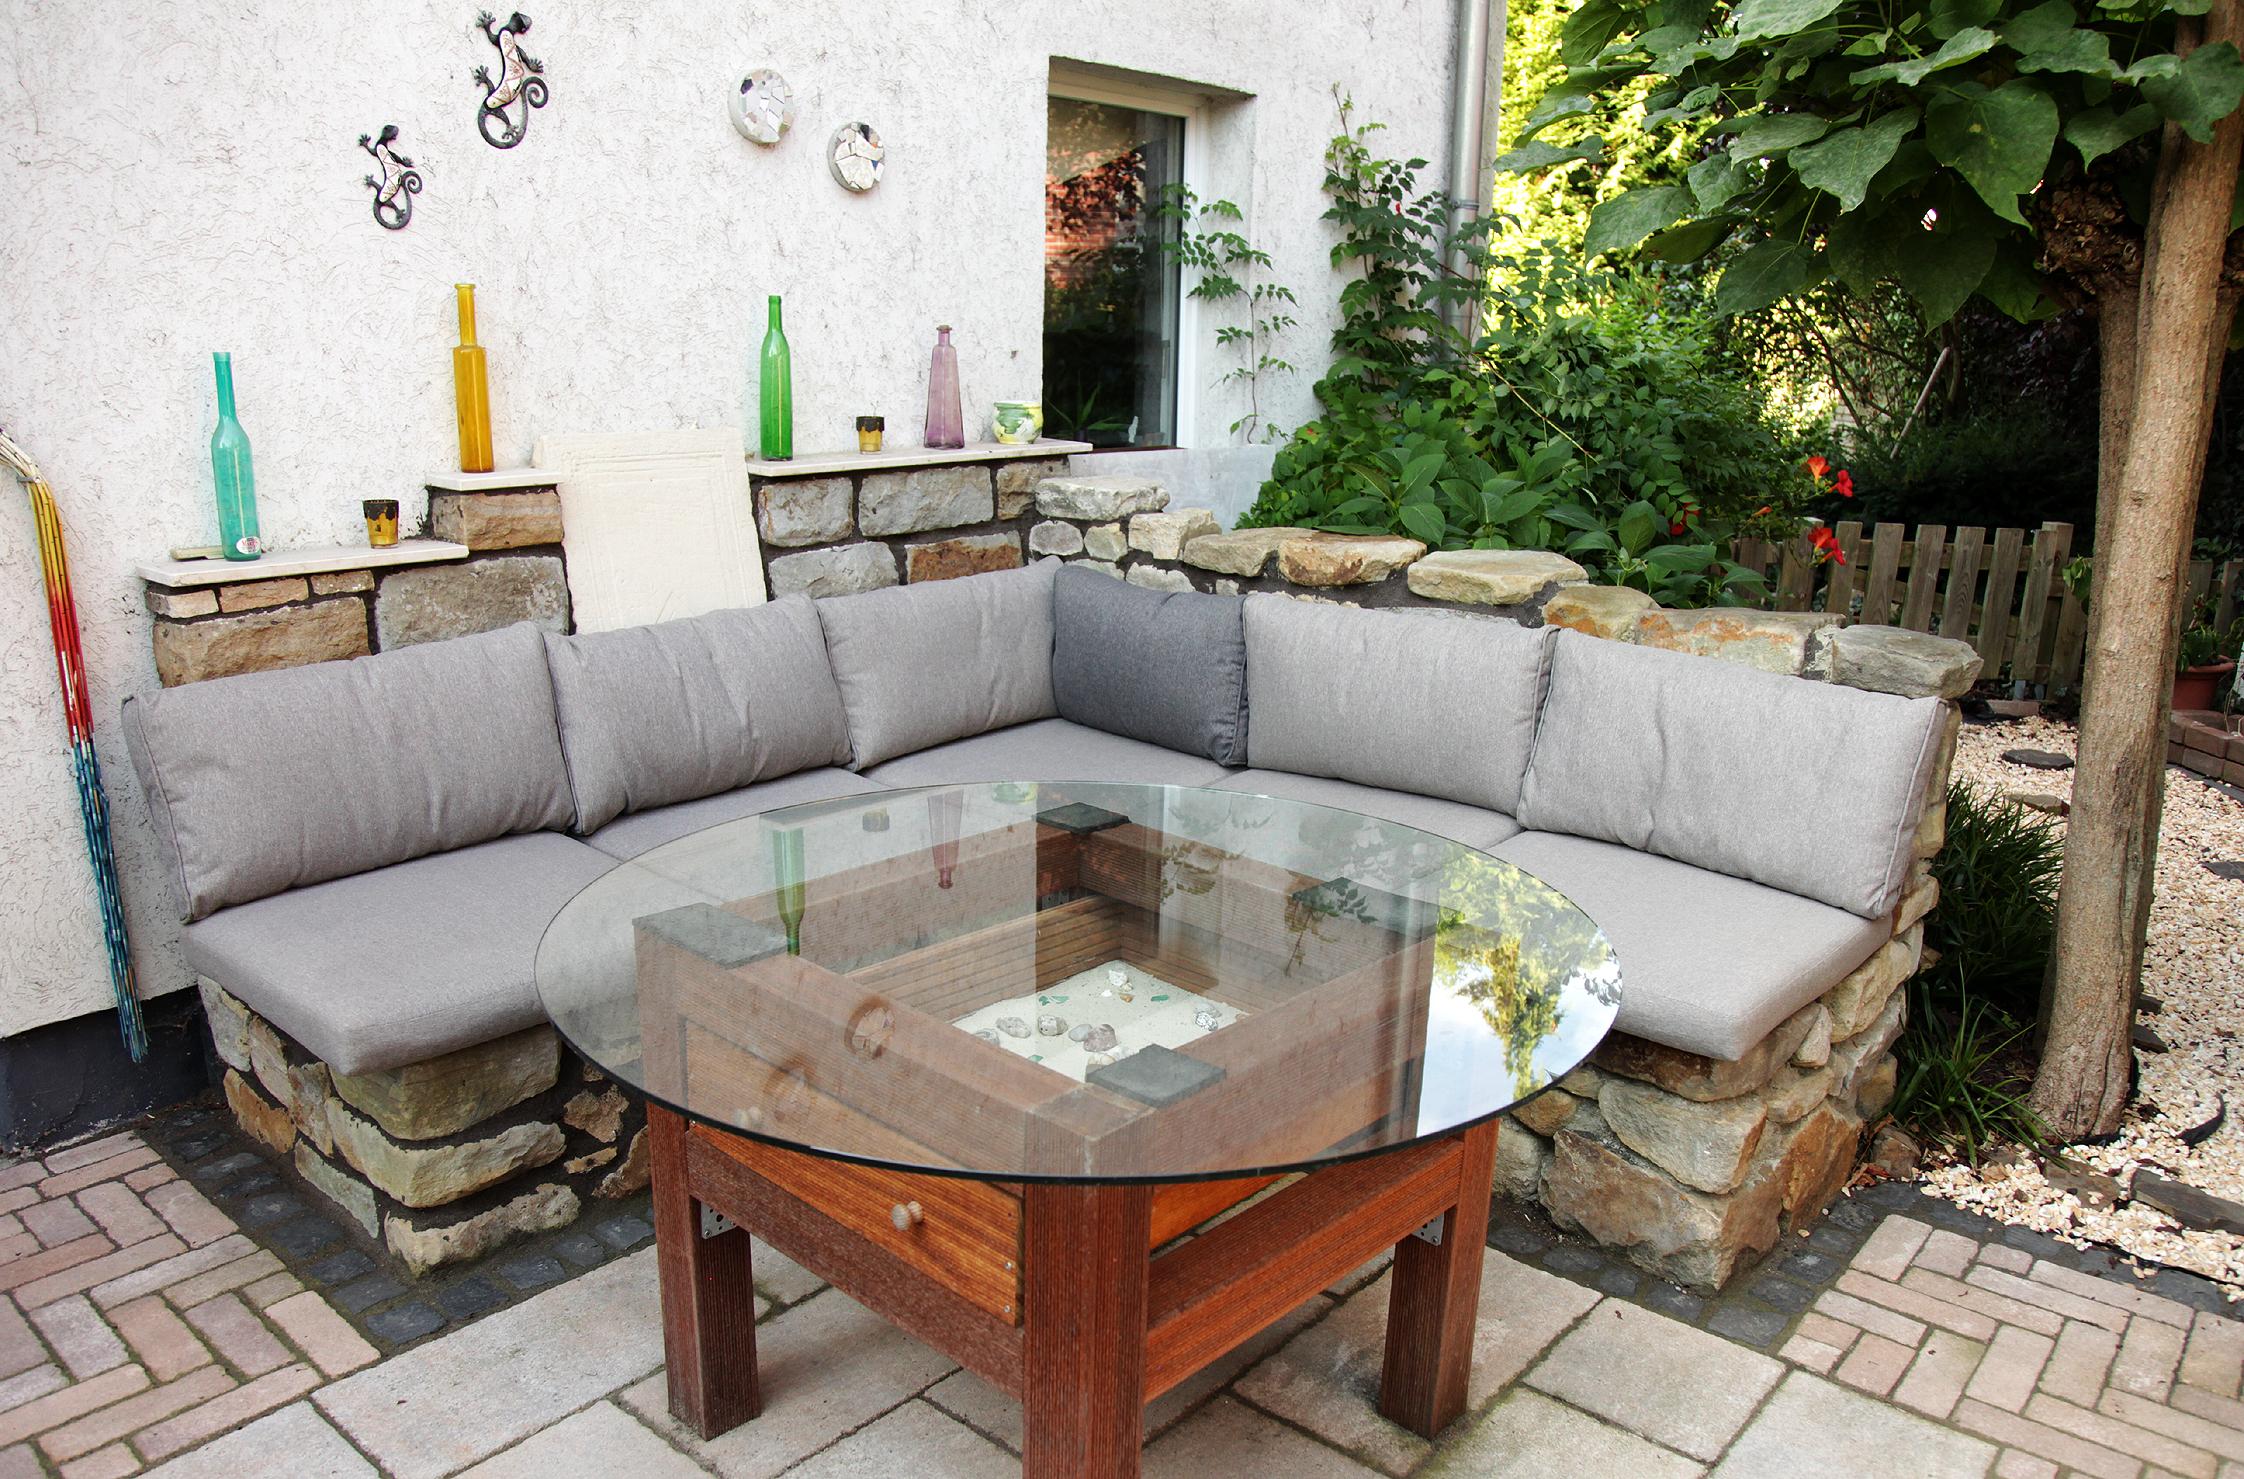 gartentipps f r den monat august ein wenig arbeit und viel erholung. Black Bedroom Furniture Sets. Home Design Ideas